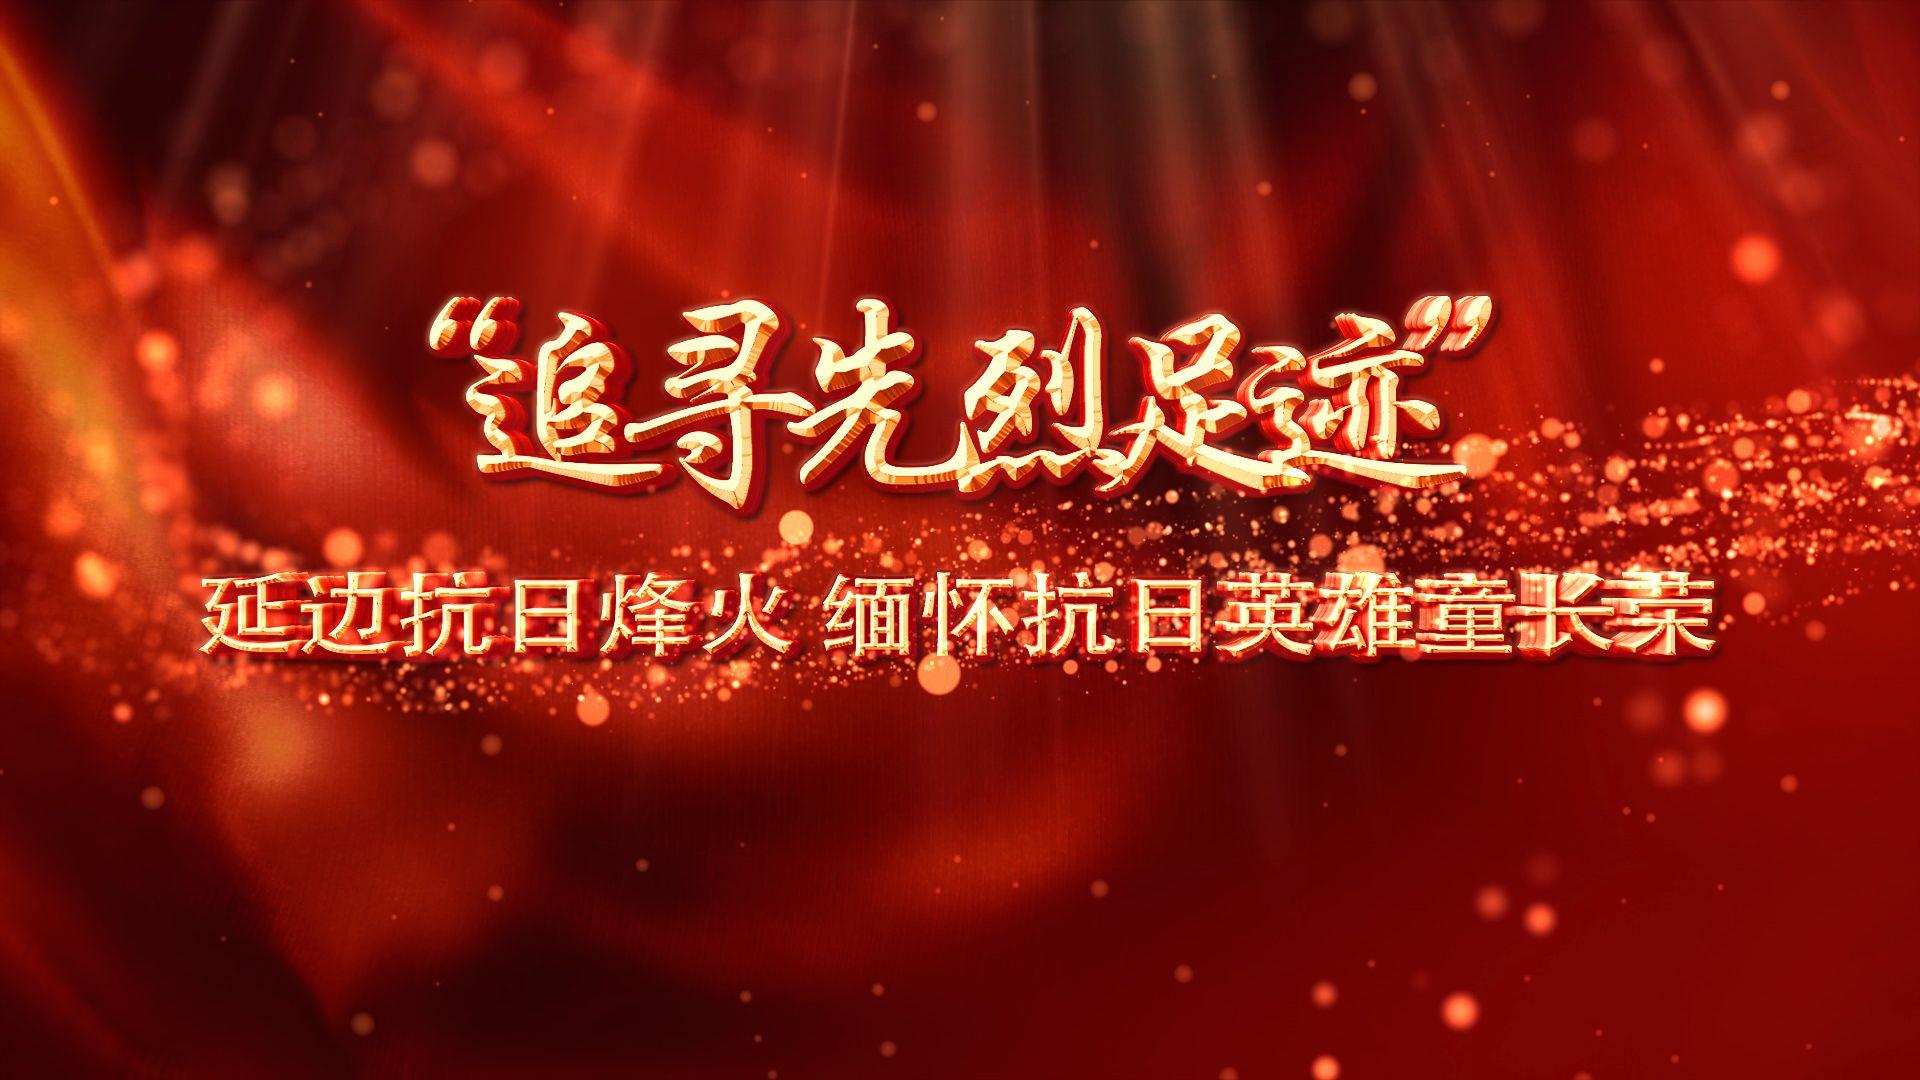 """【微视频】""""追寻先烈足迹"""" 延边抗日烽火 缅怀抗日英雄童长荣"""